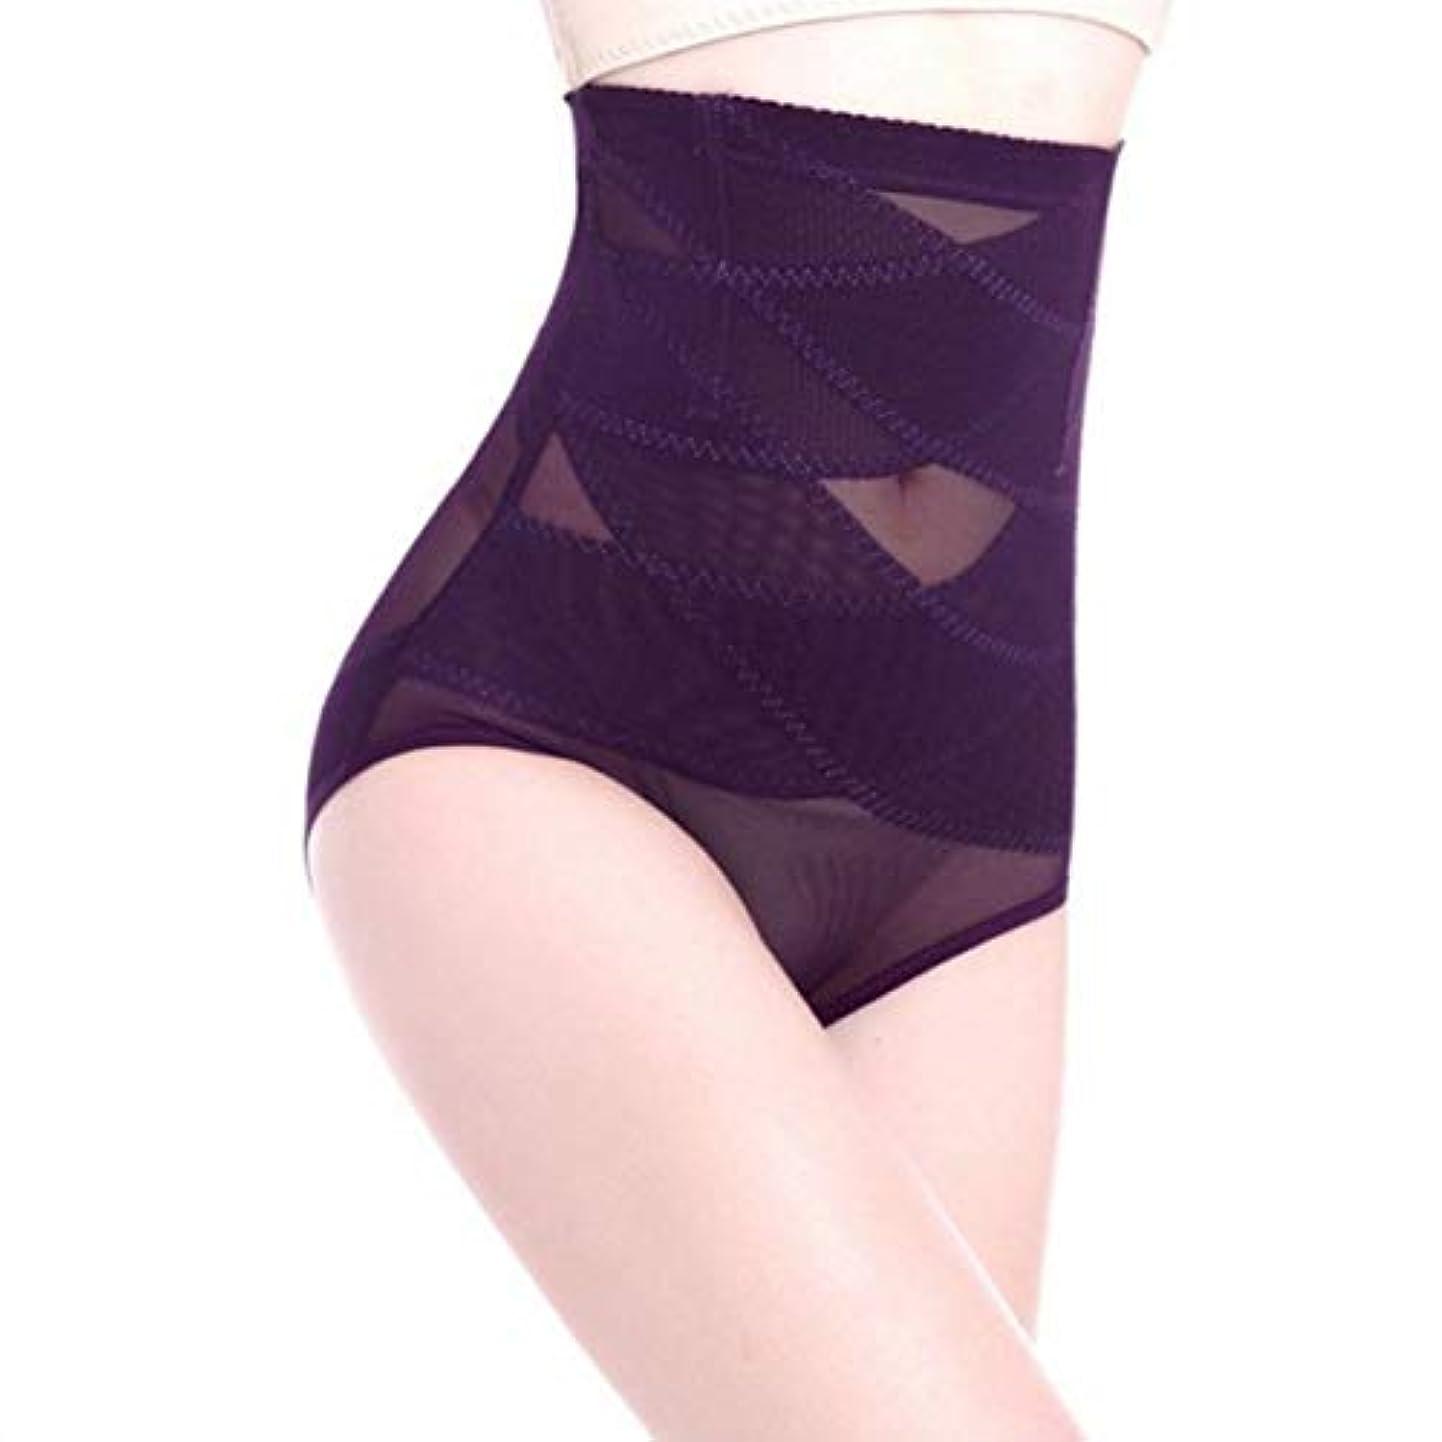 キー意志に反するその他通気性のあるハイウエスト女性痩身腹部コントロール下着シームレスおなかコントロールパンティーバットリフターボディシェイパー - パープル3 XL